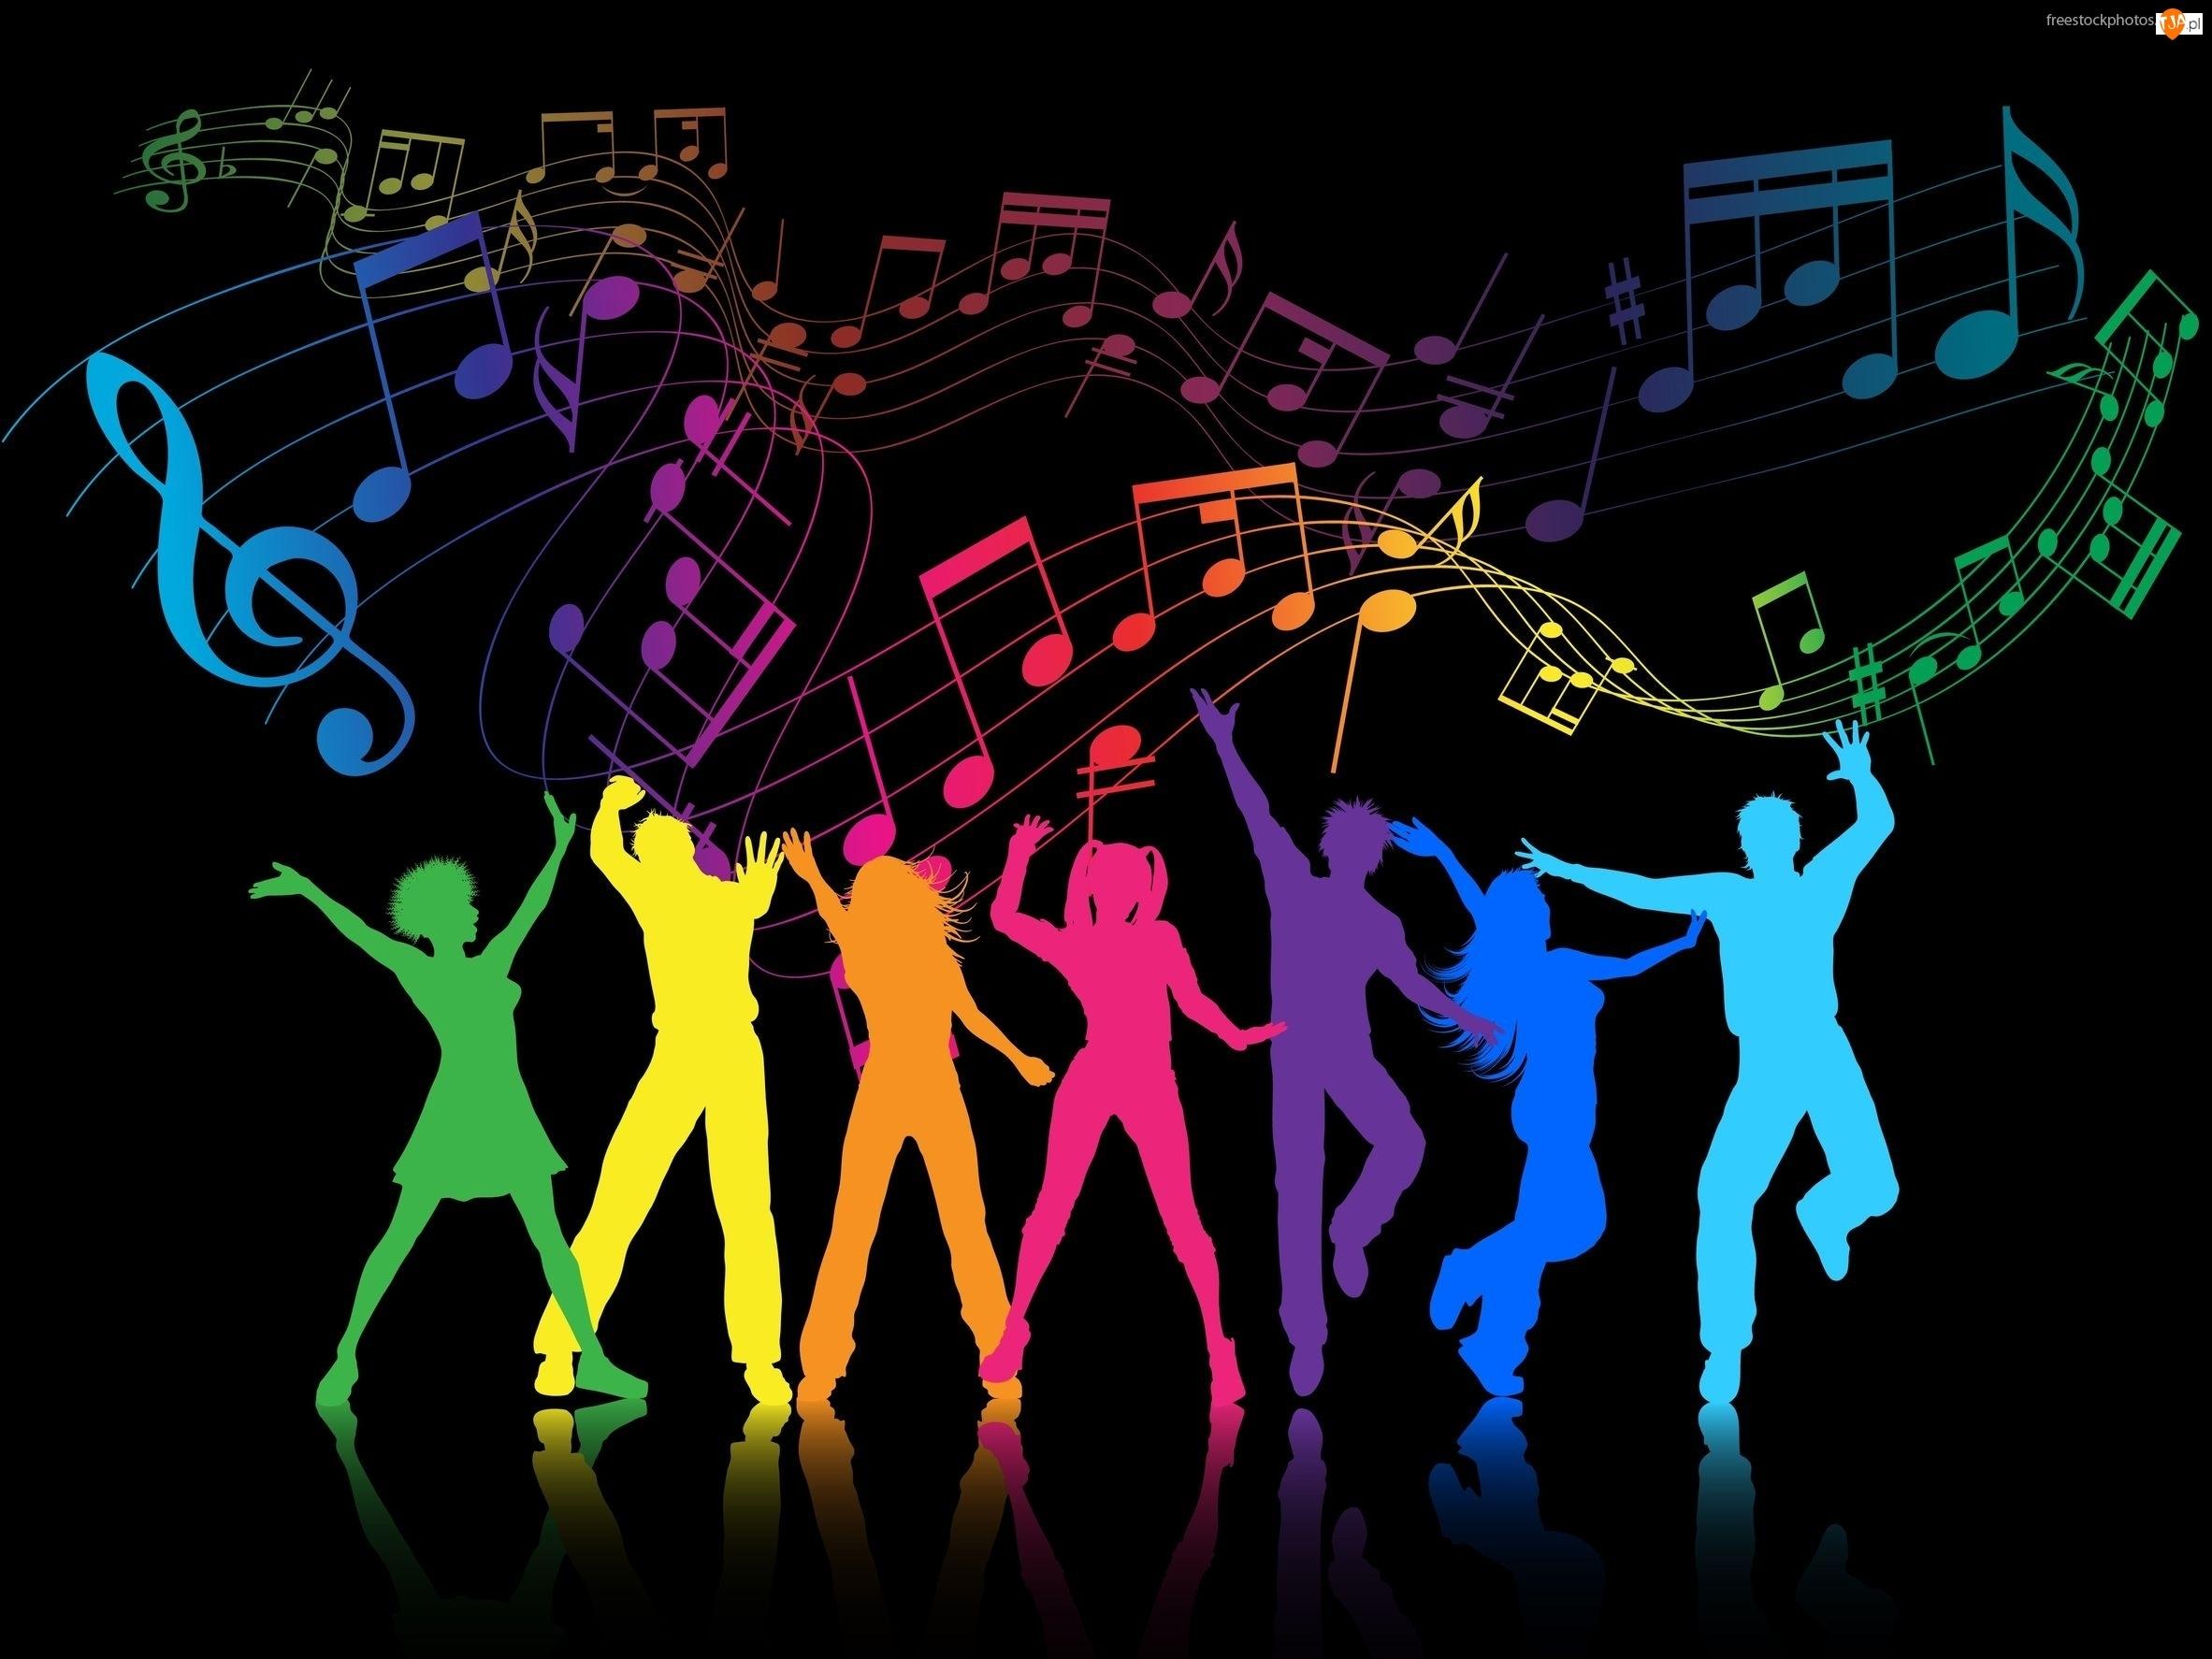 Muzyka, Dyskoteka, Dance, Taniec